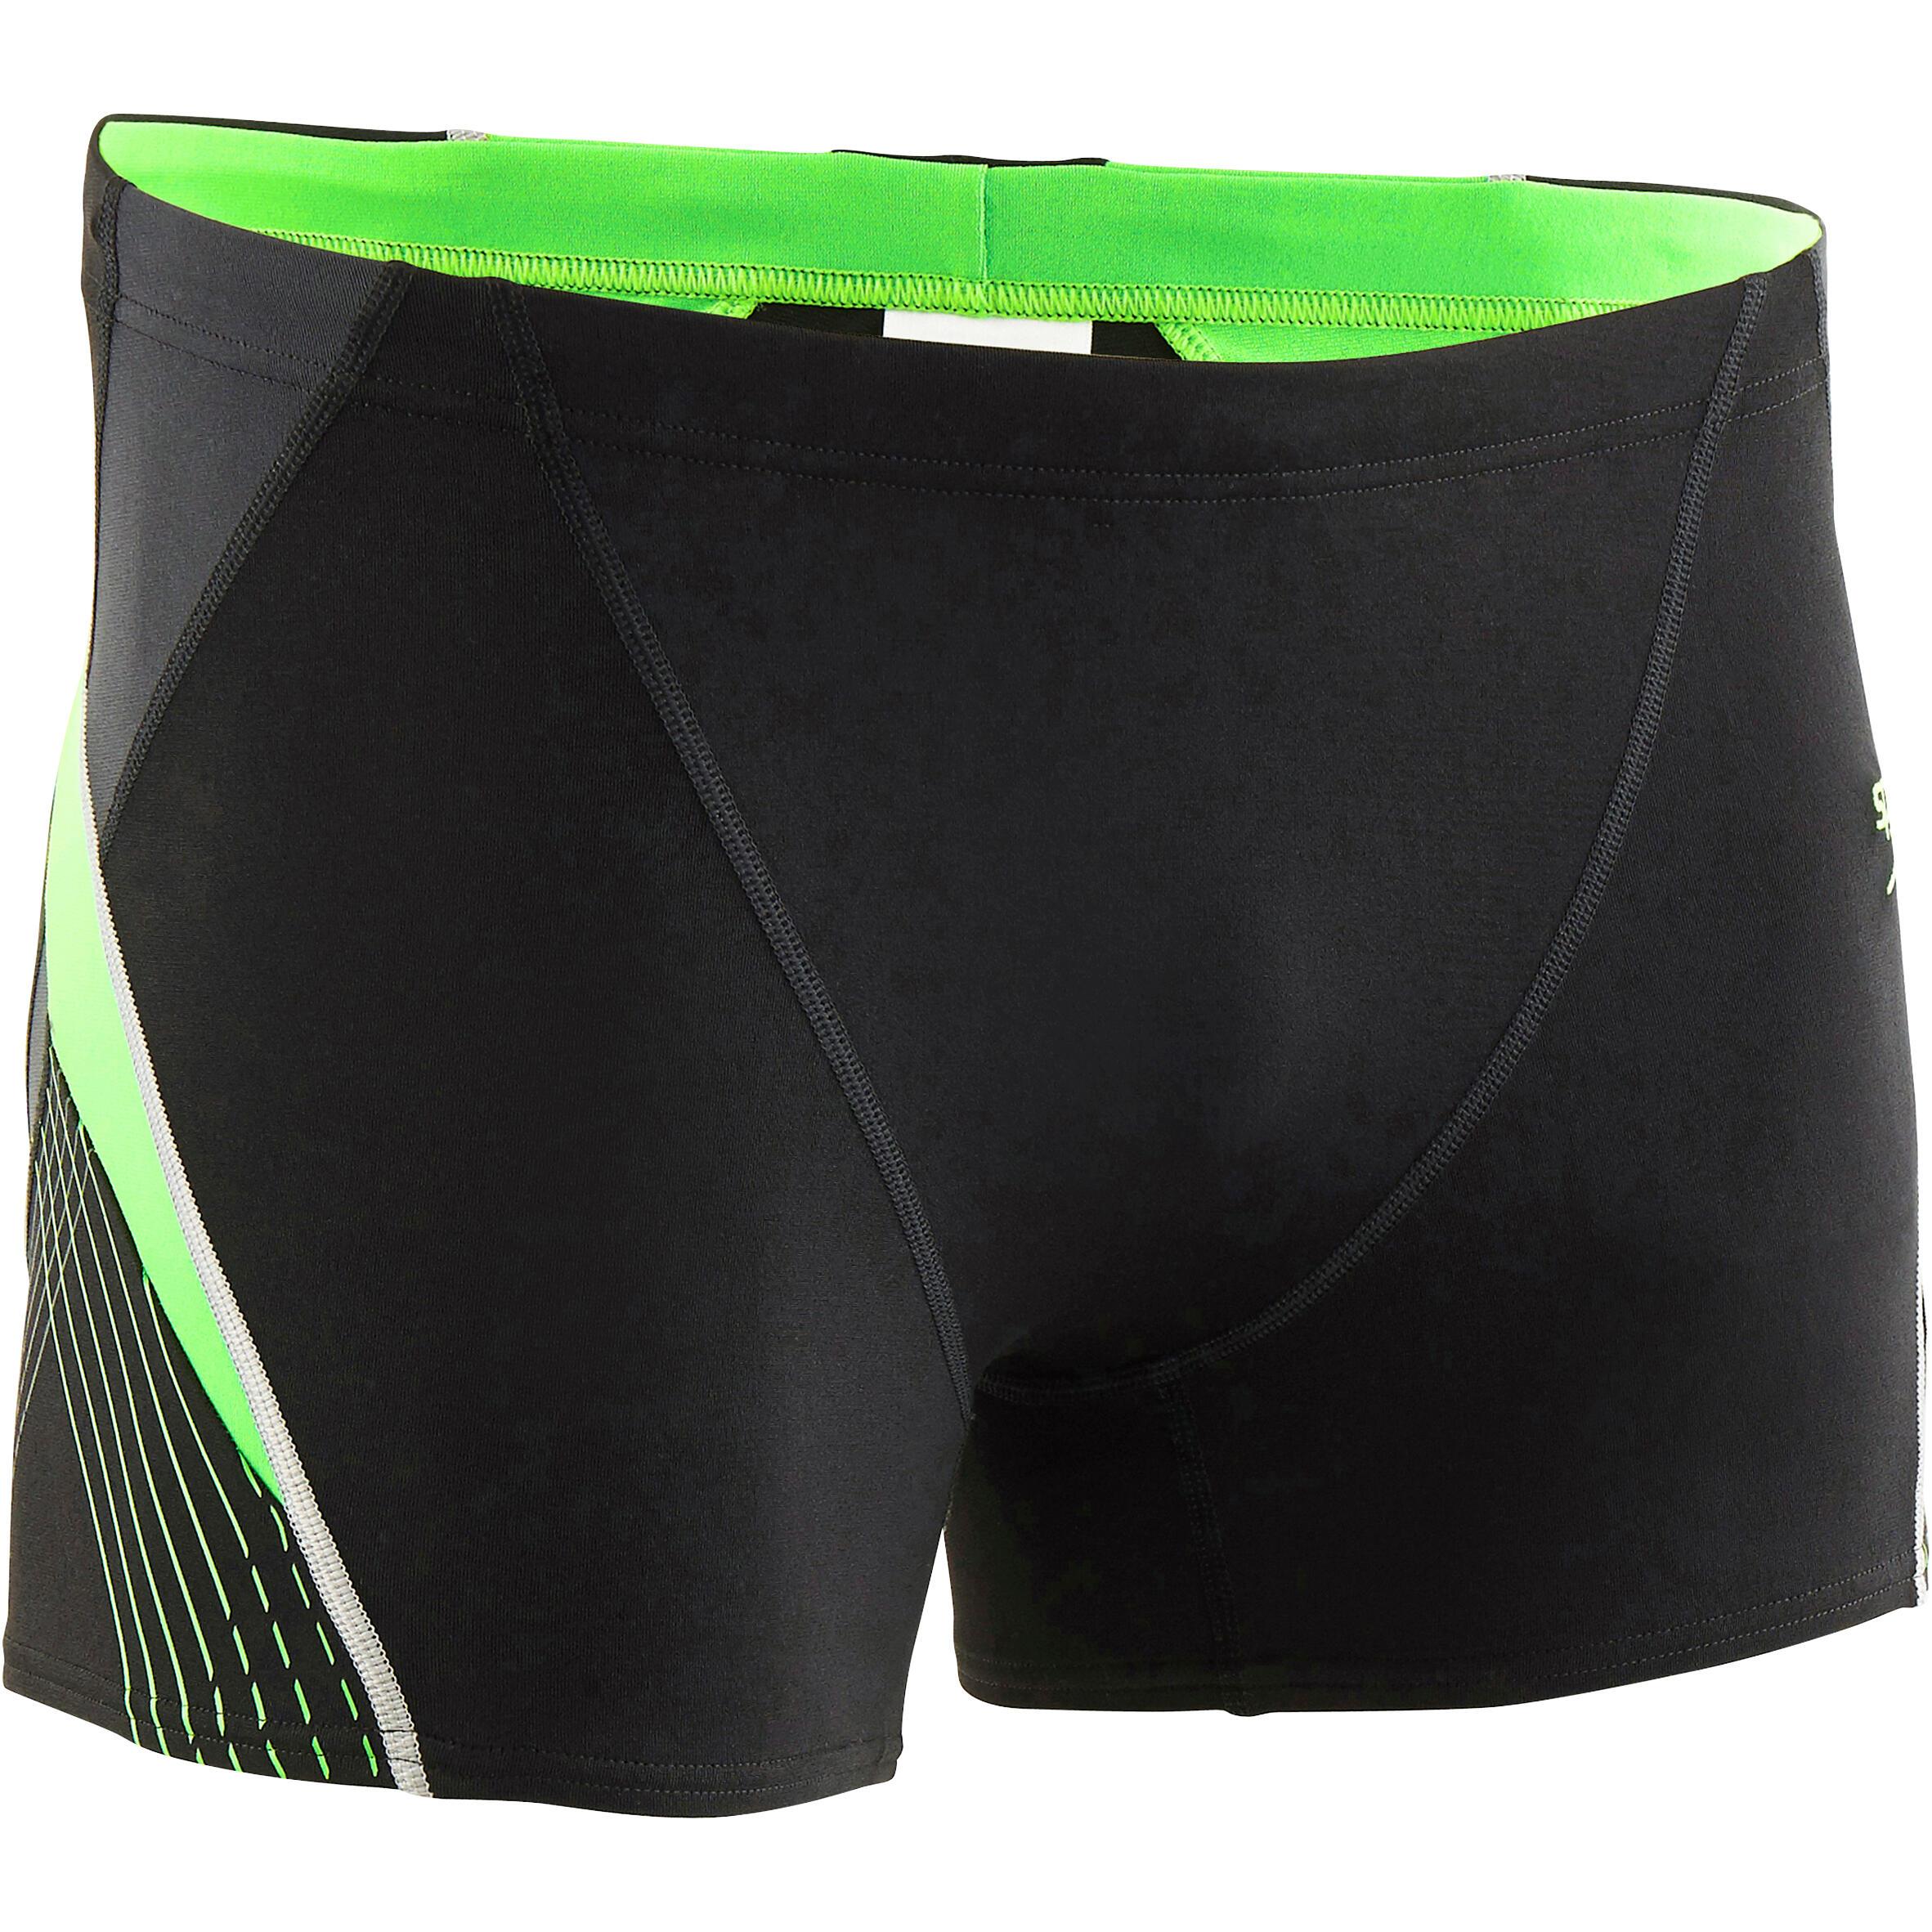 Speedo Zwemboxer heren zwart/groen/wit